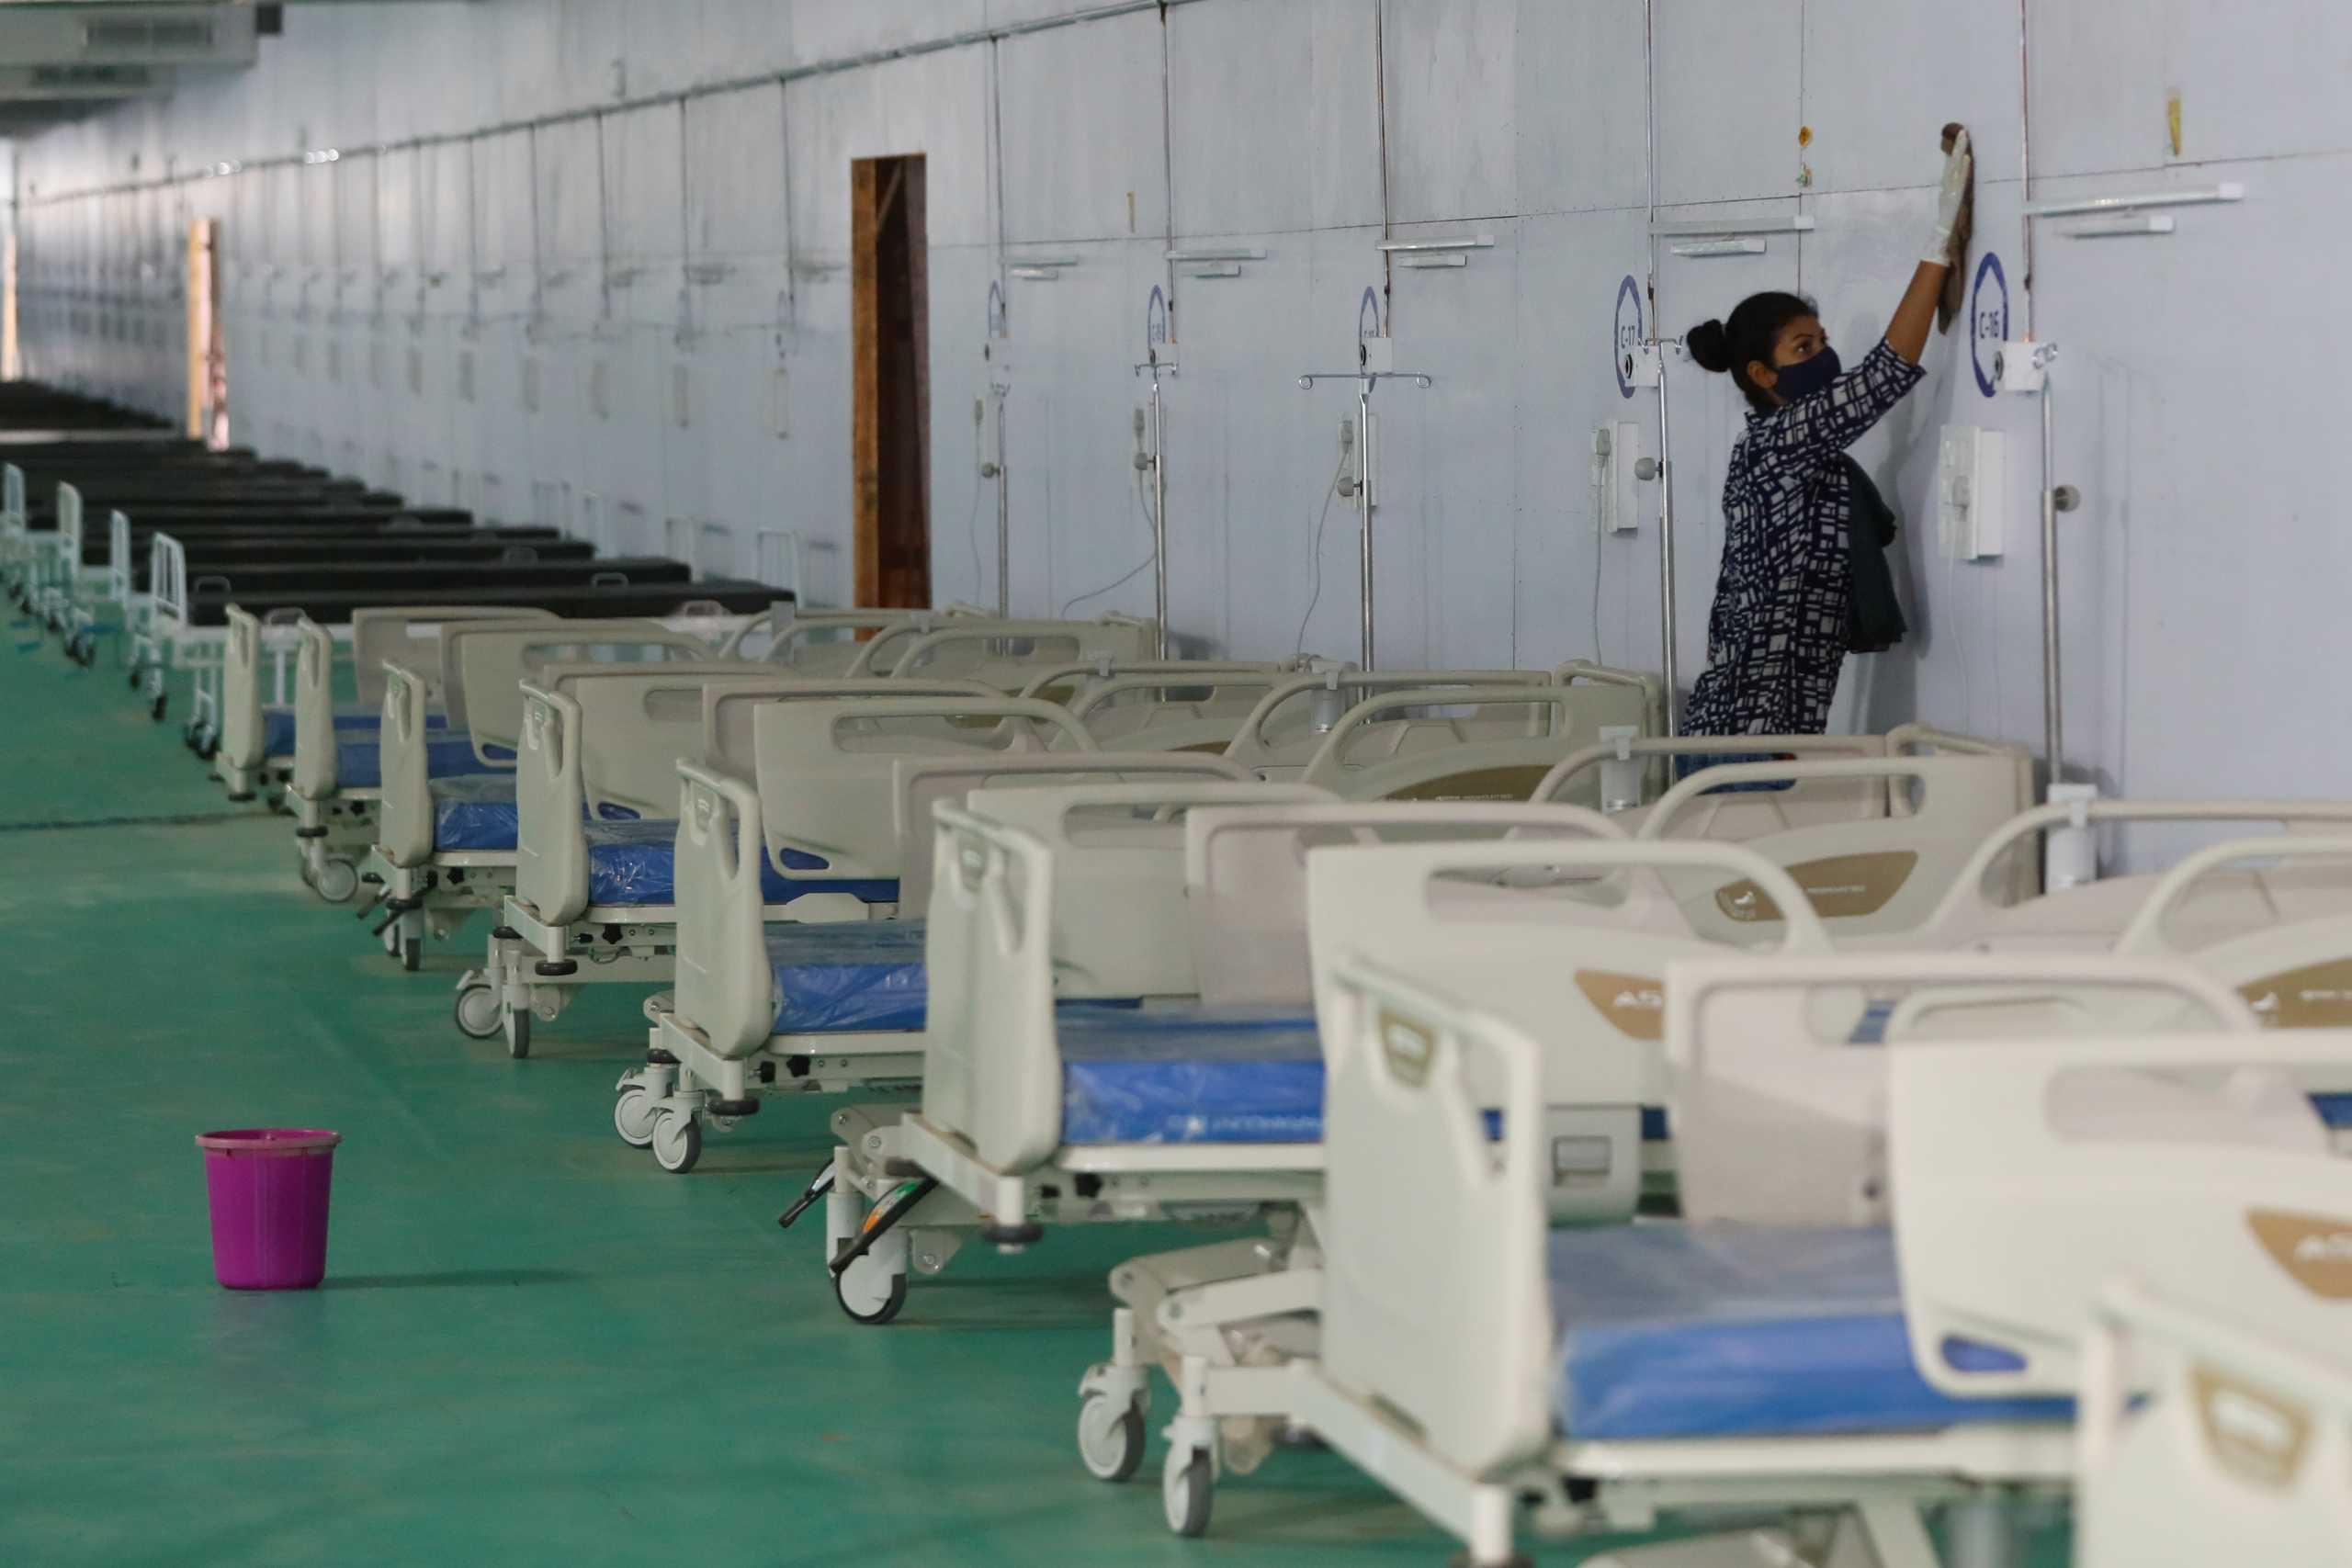 Ινδία: Σχεδόν 1.000 γιατροί και νοσηλευτές έχουν πεθάνει από κορονοϊό